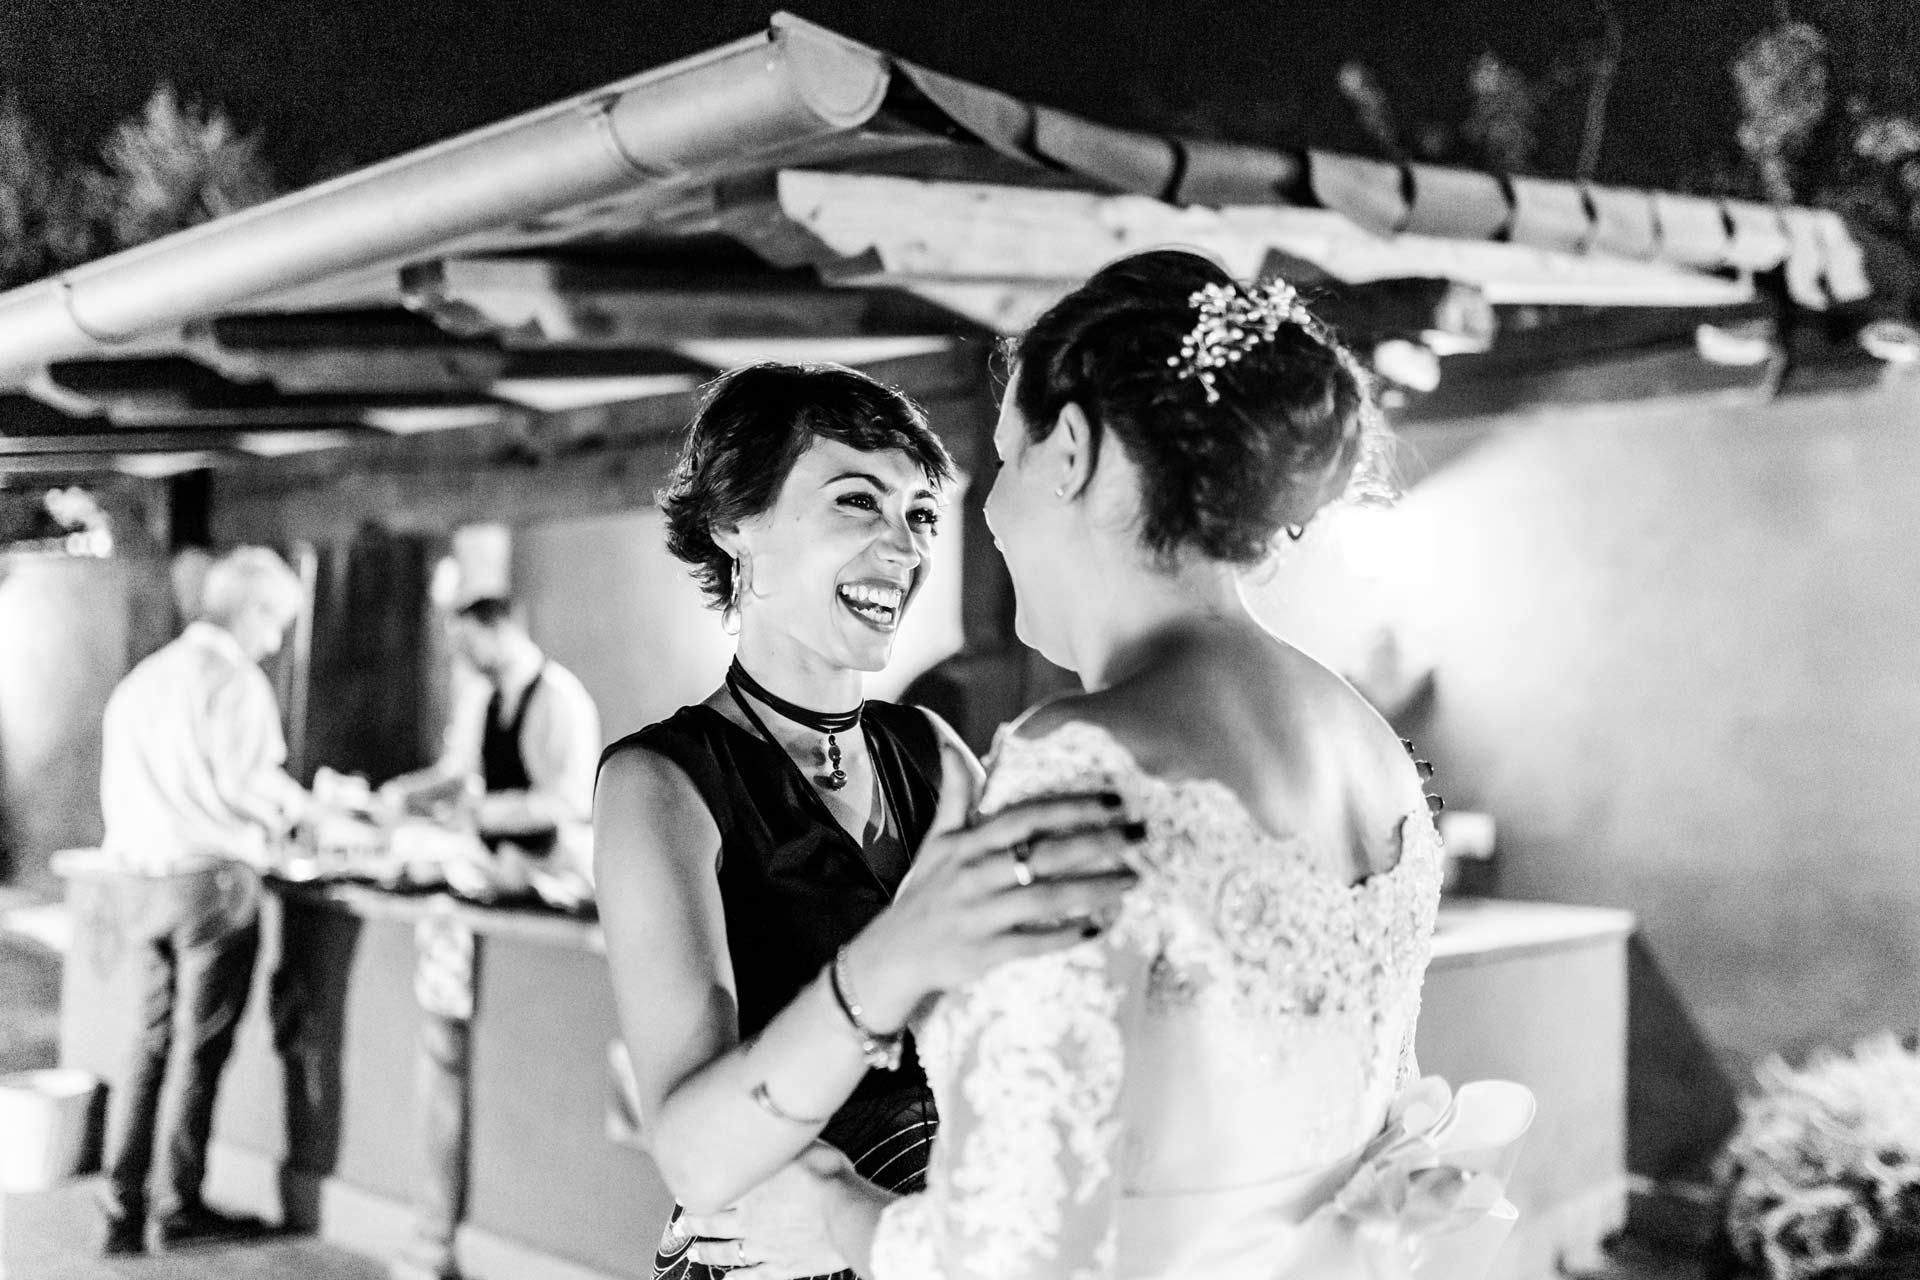 fotografo-matrimoni-reportage-s&g-villaggio-martini